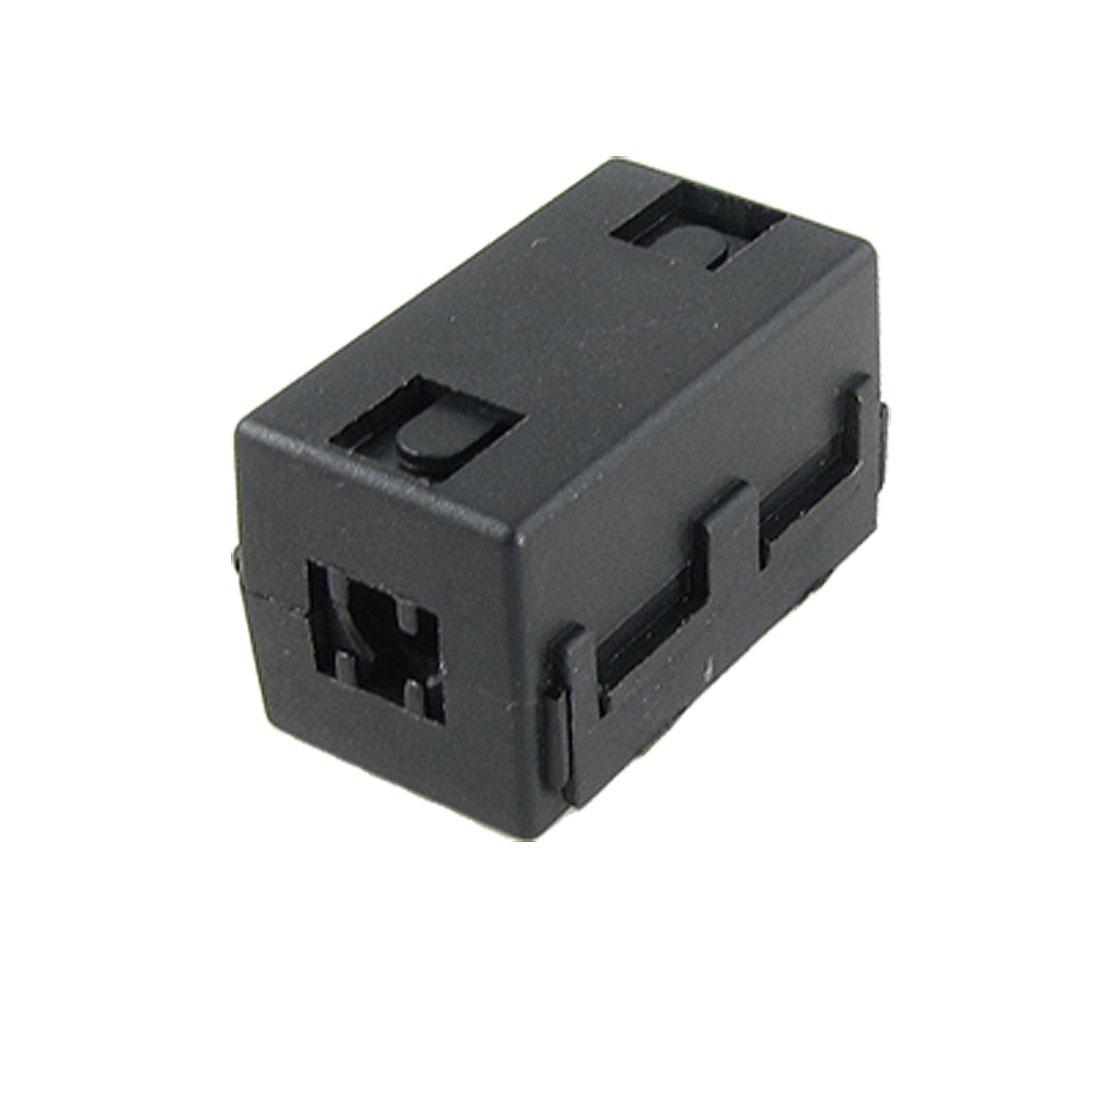 UF65 6.5mm Diameter Cable Ferrite Core Filter 10 Pcs